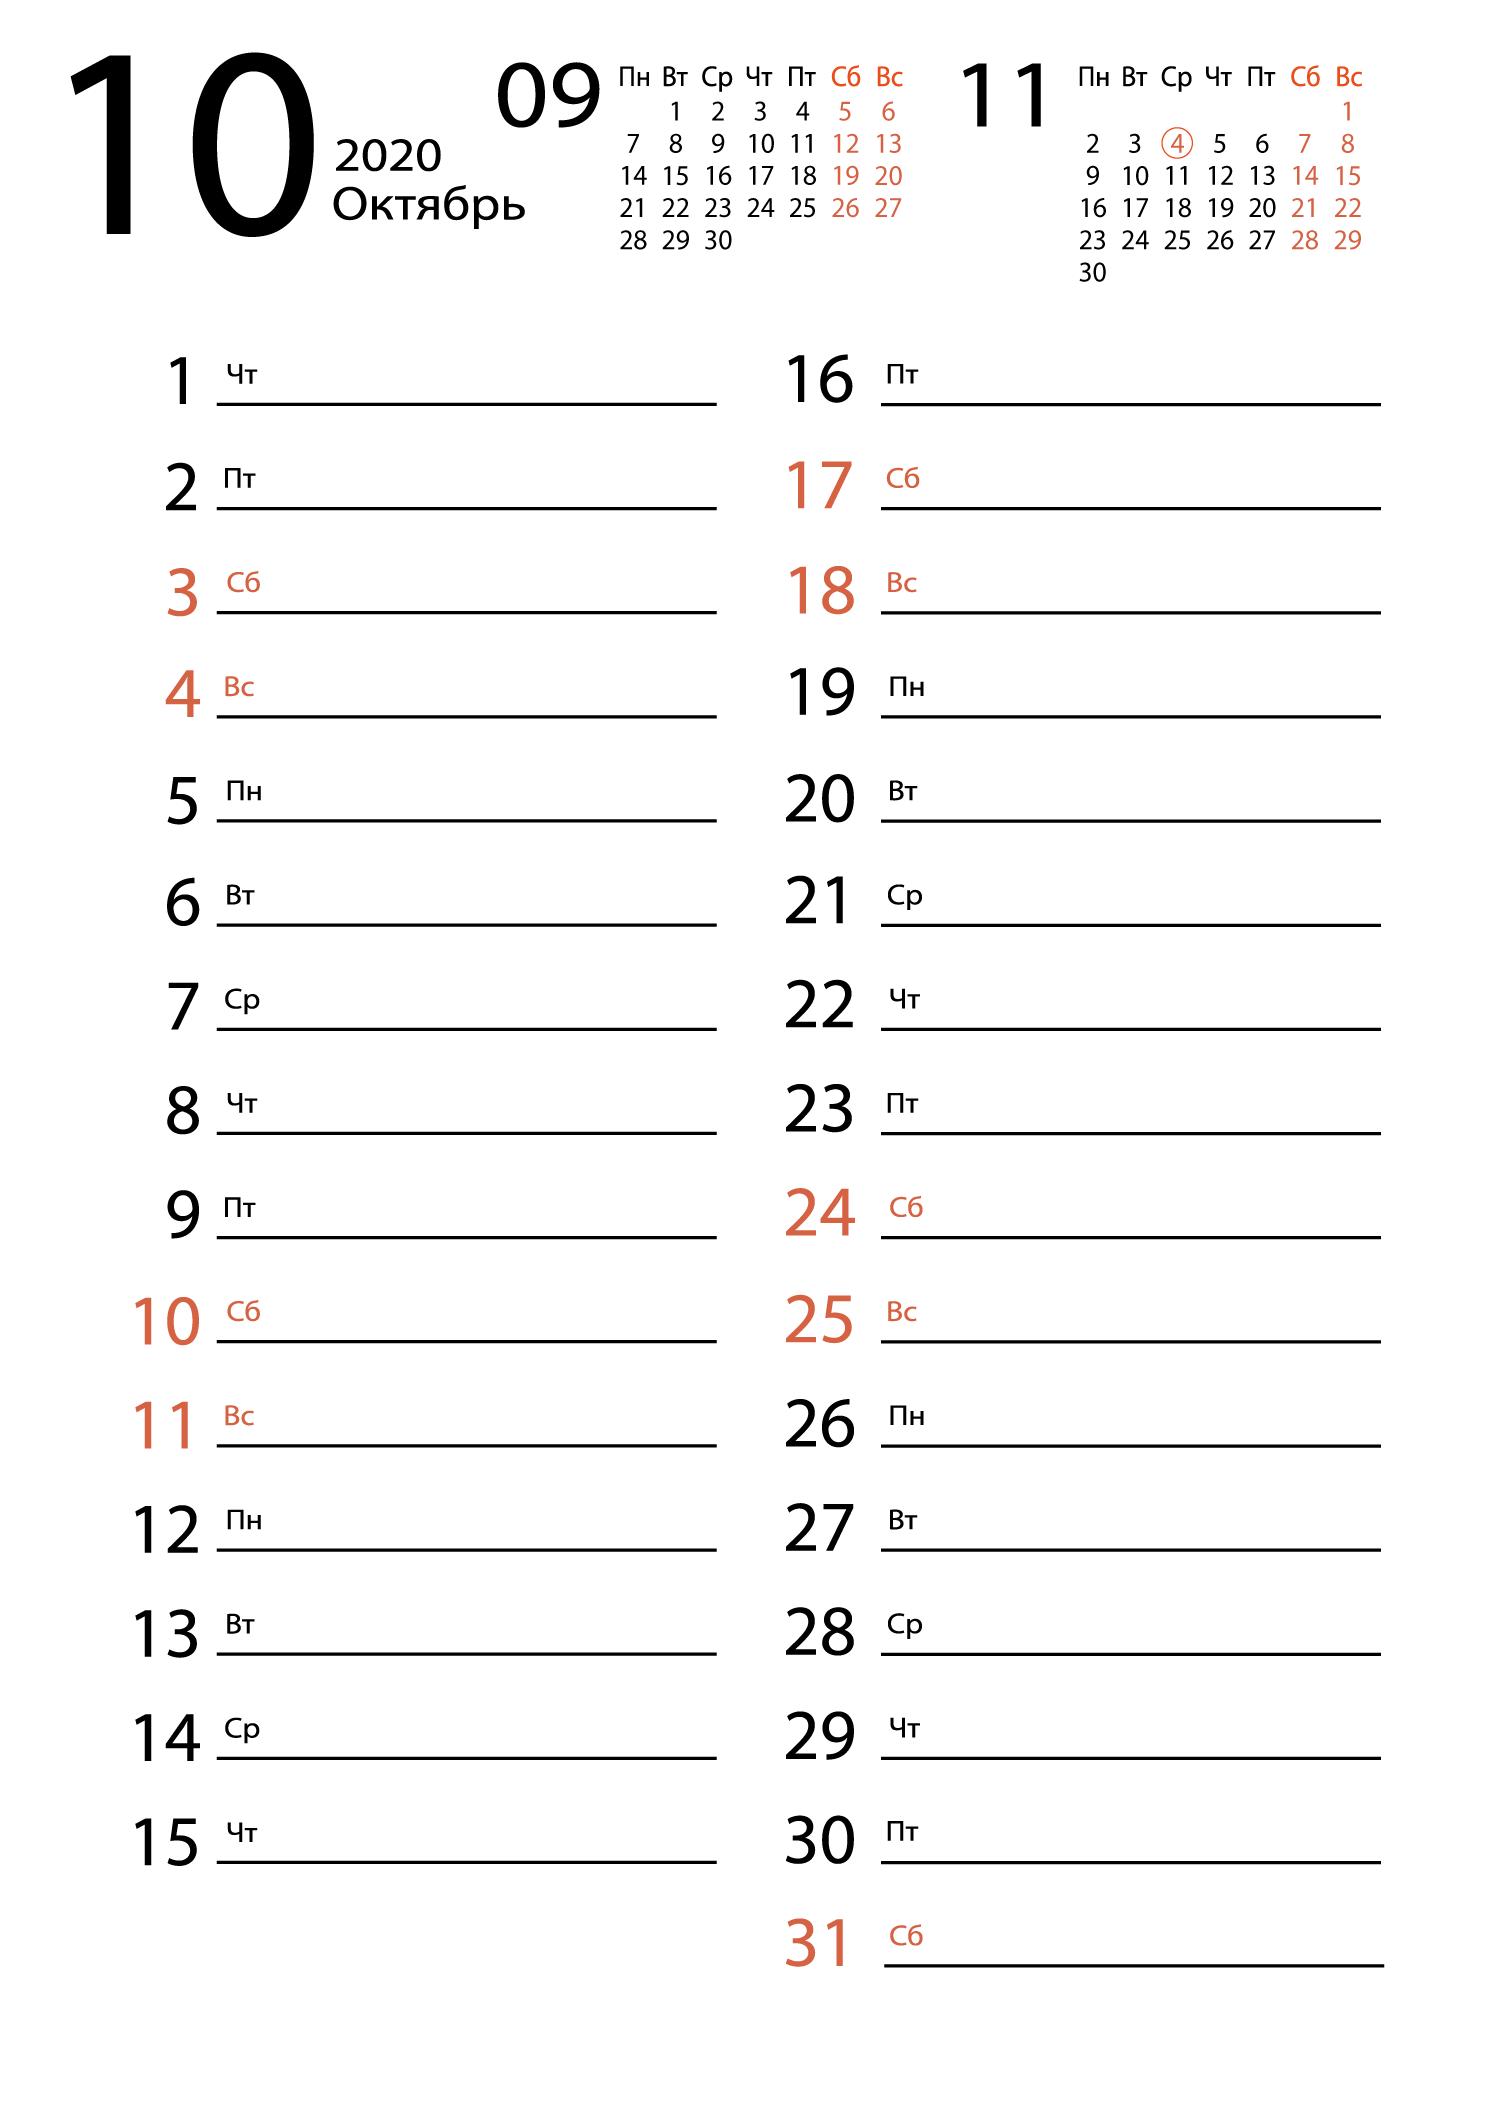 Печать календаря на октябрь 2020 для заметок